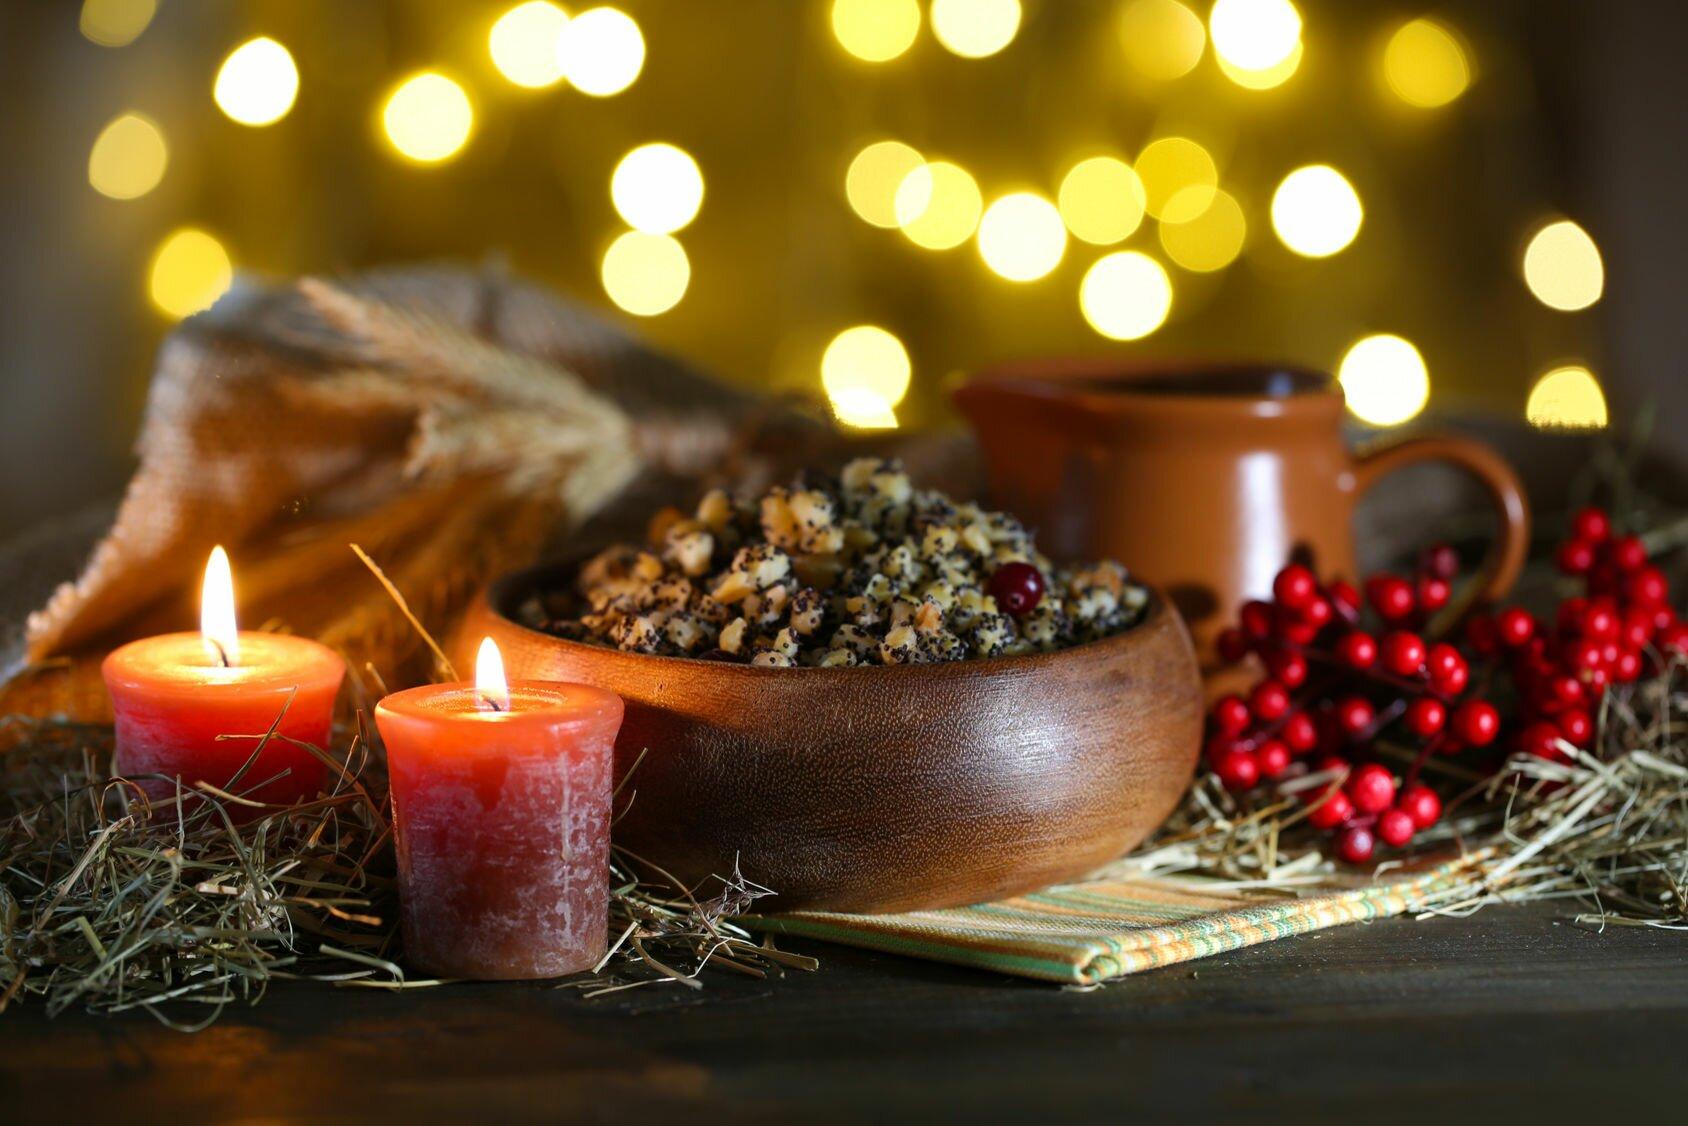 6января православные игреко-католики празднуют рождественский Сочельник